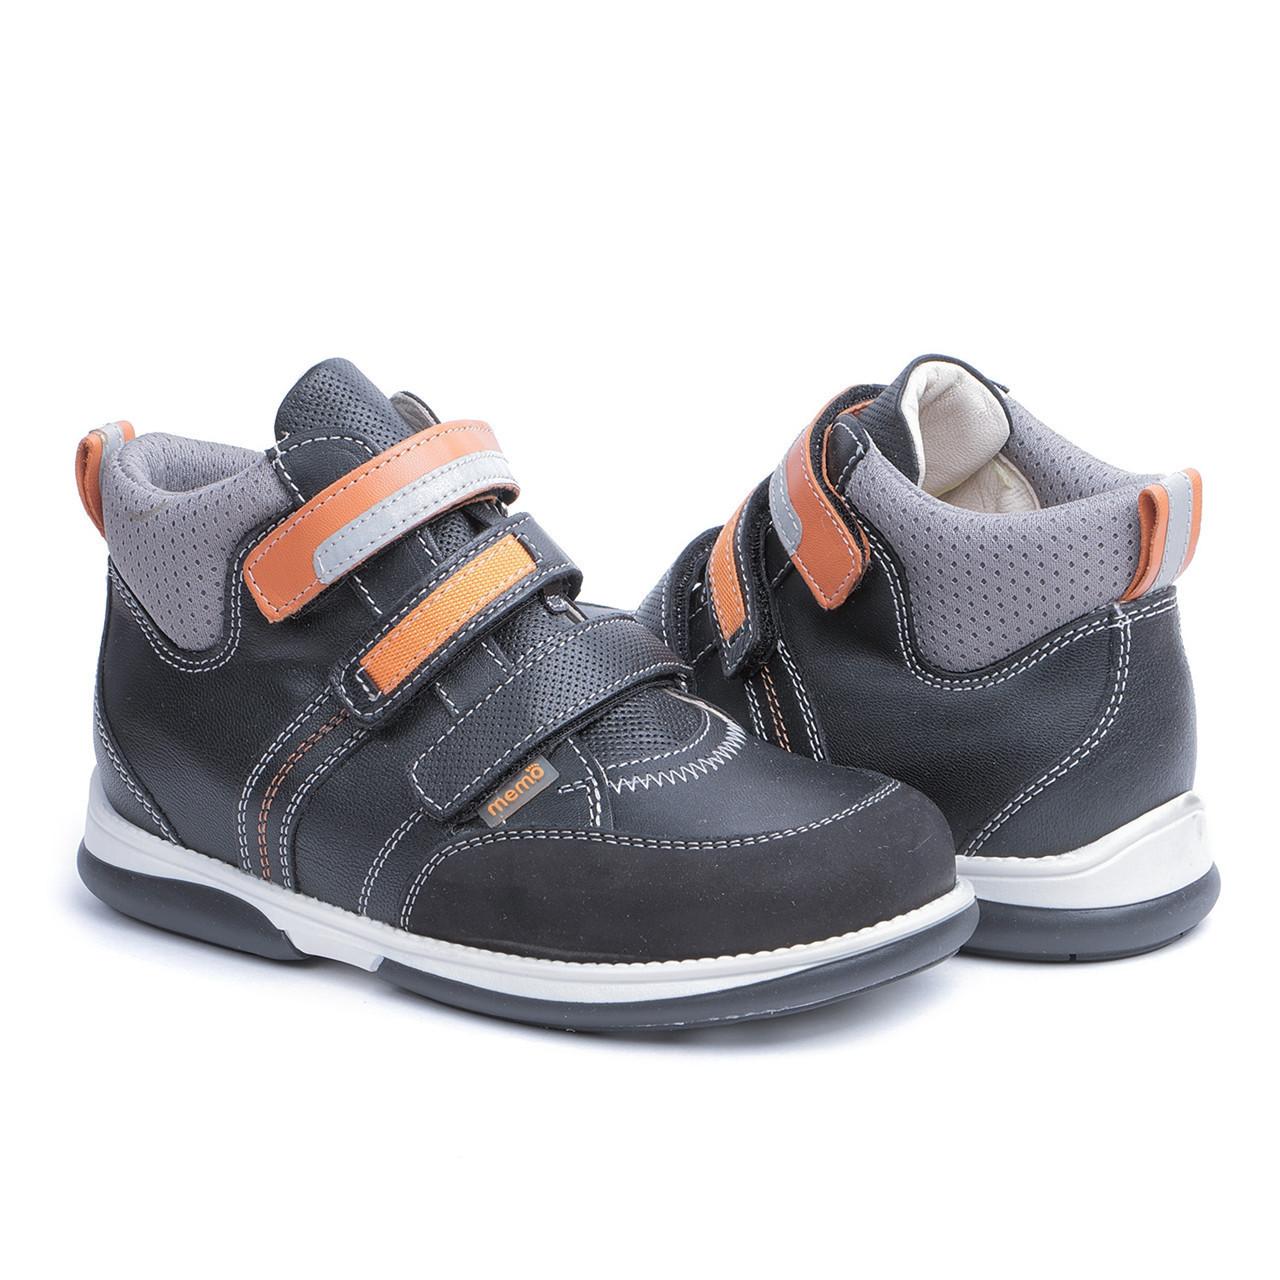 Memo Polo Черно-оранжевые - Детские ортопедические кроссовки